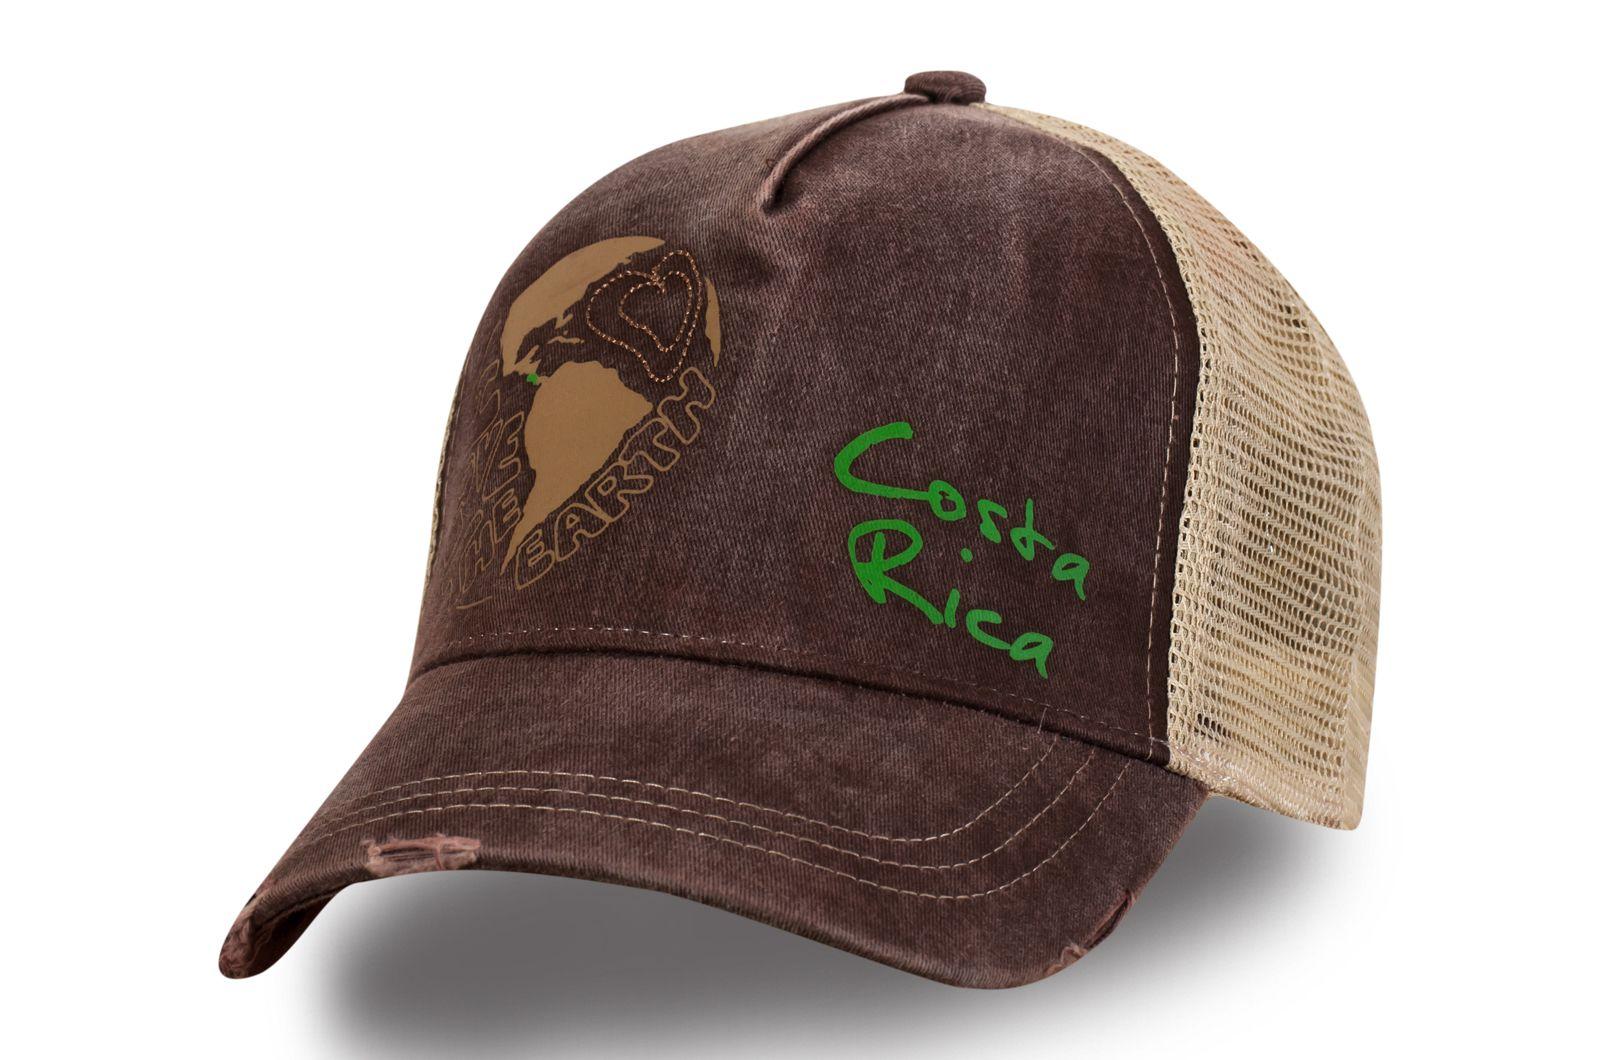 Сетчатая кепка с принтом - купить в интернет-магазине с доставкой